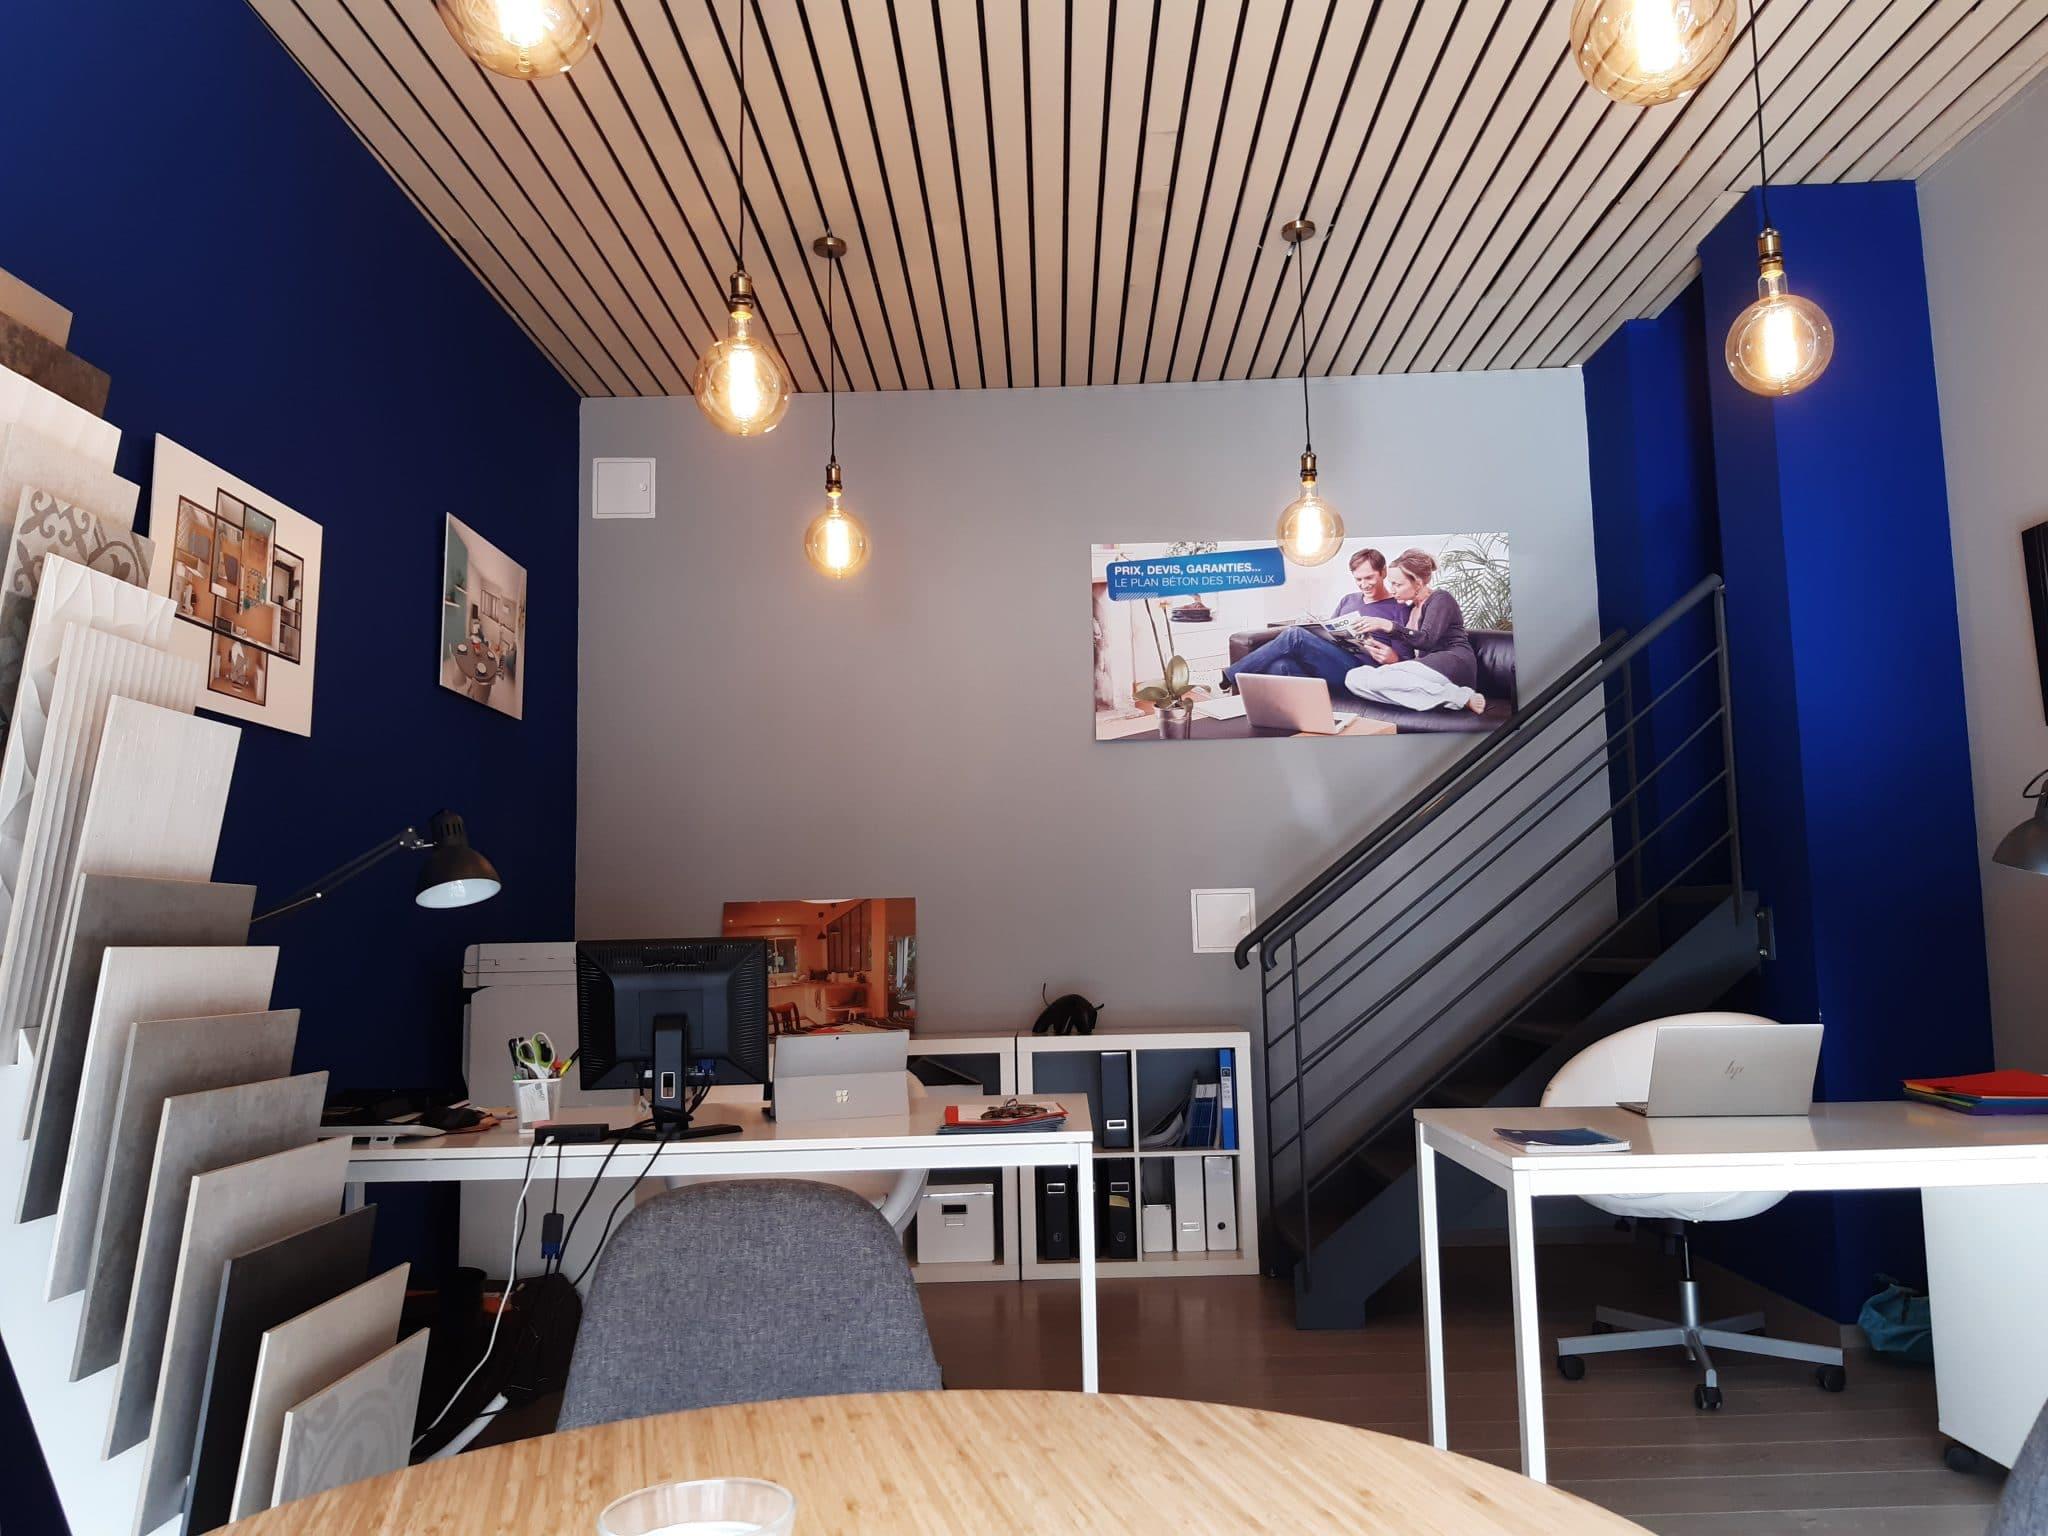 Maison Des Travaux Avis illico travaux toulouse est (31) : travaux de rénovation